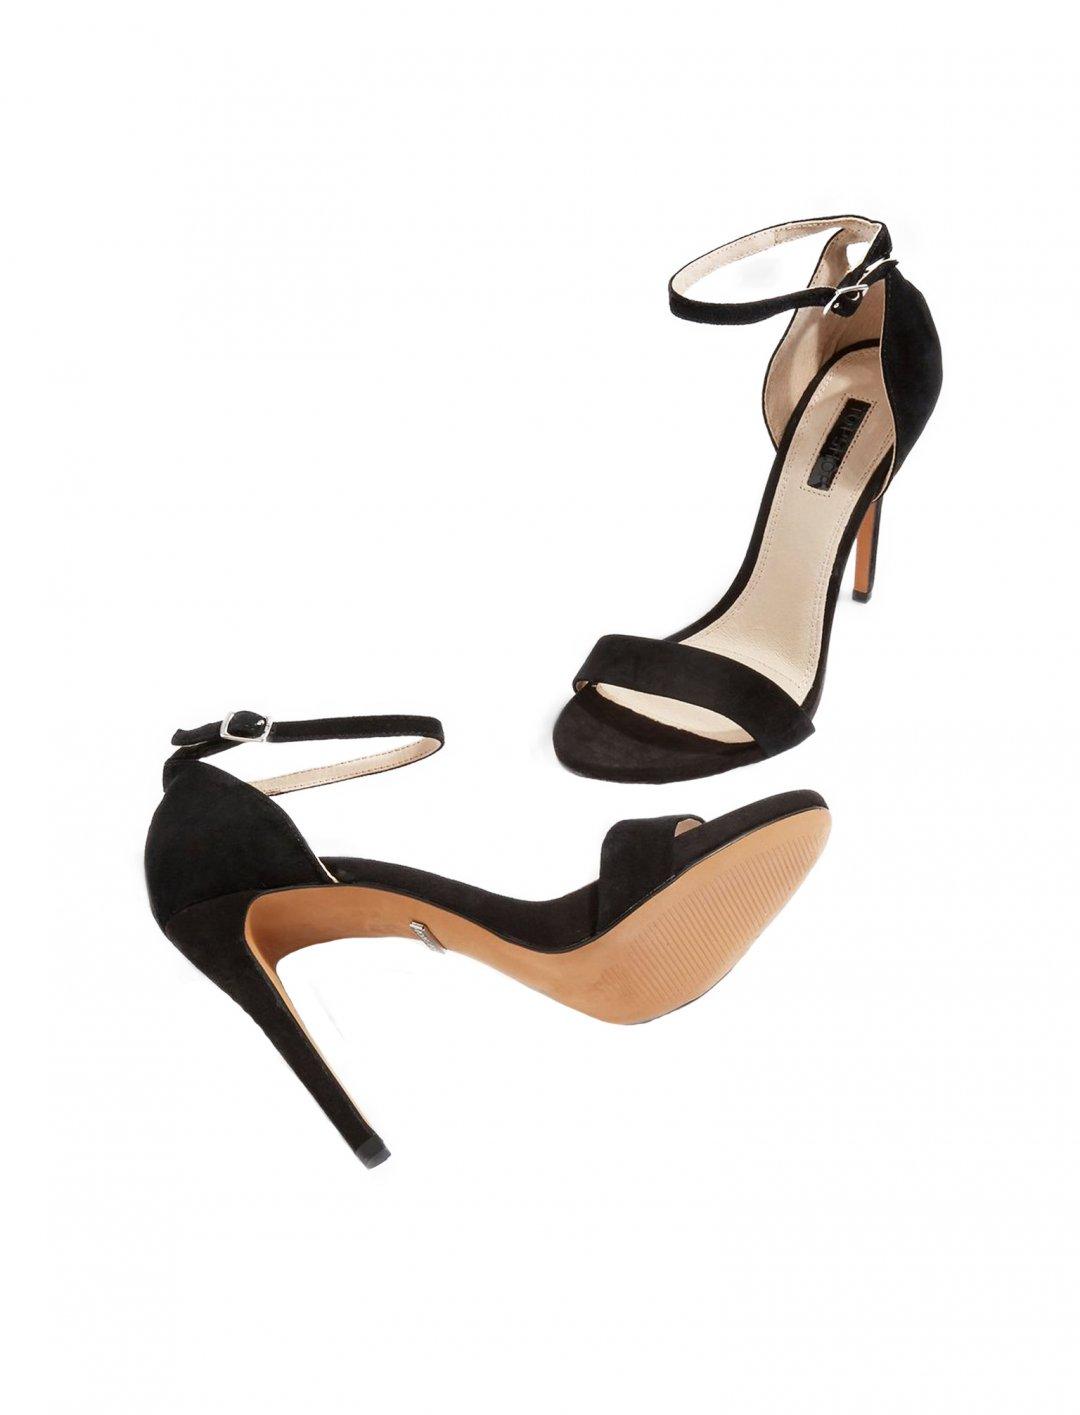 Topshop Raphie Sandals Shoes Topshop